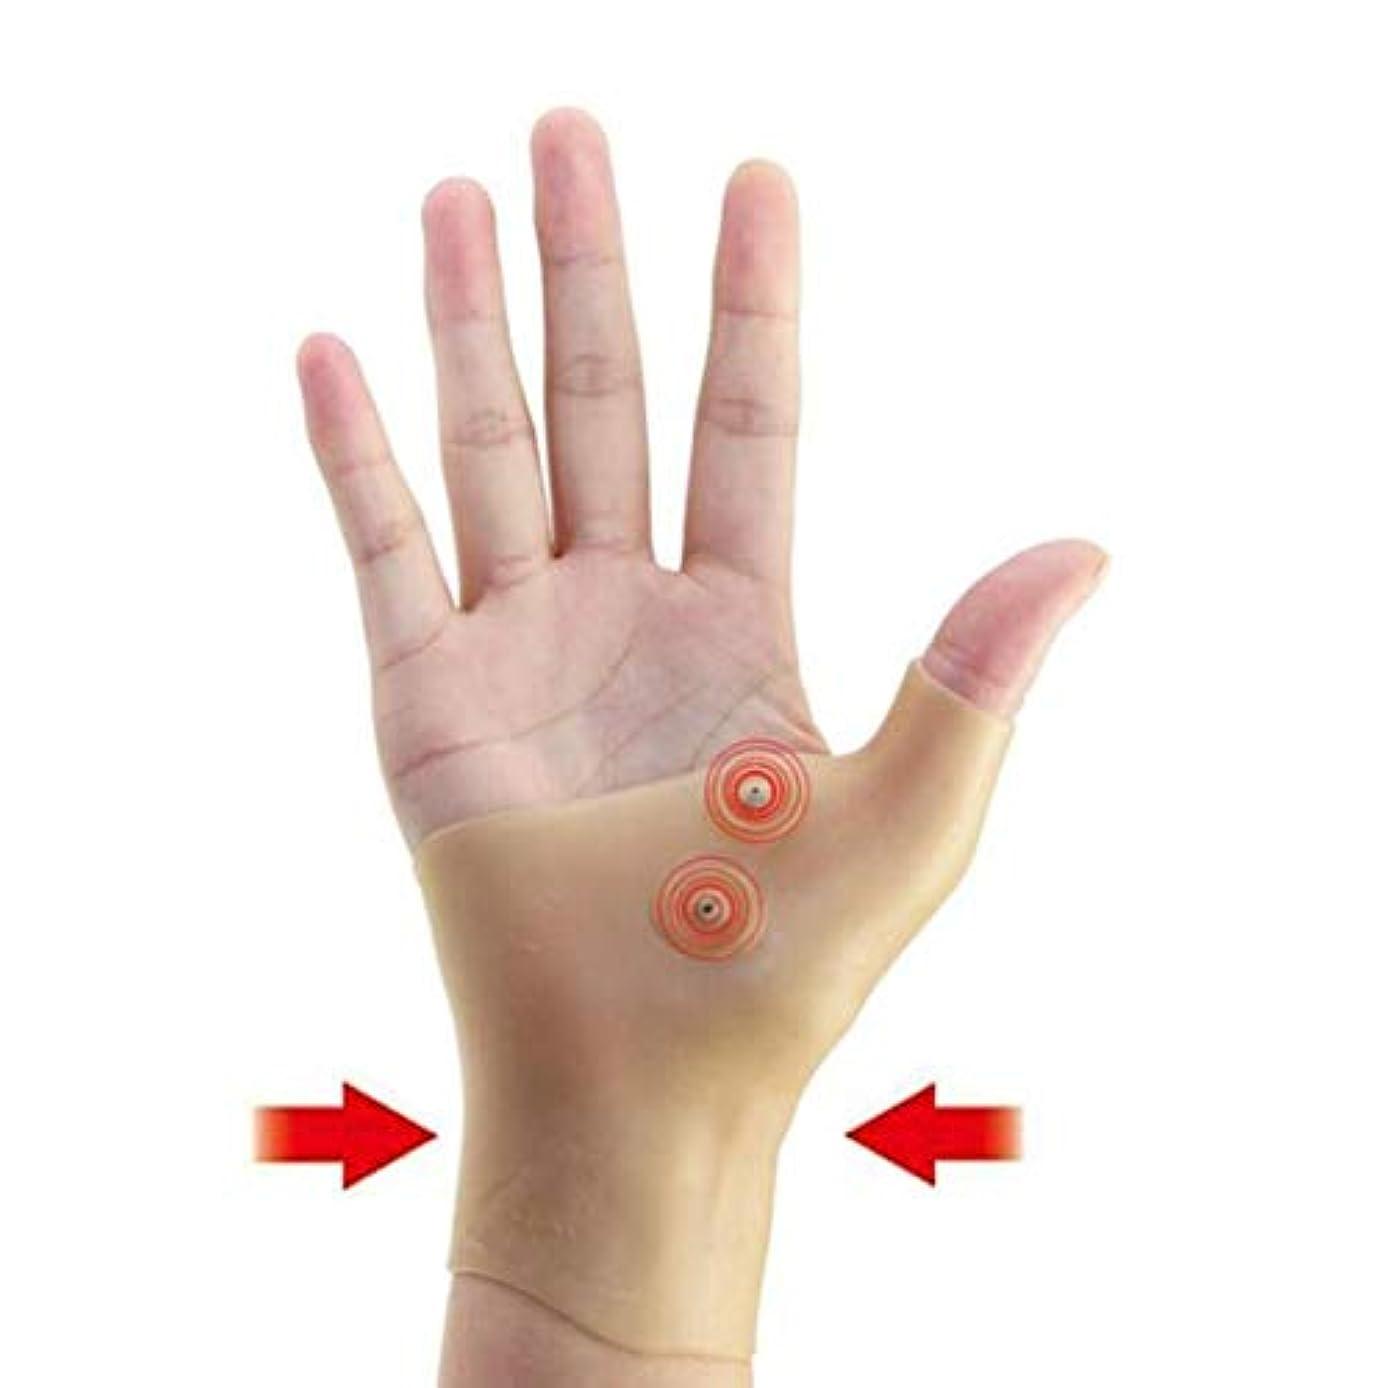 著作権ローラークラックポット磁気療法手首手親指サポート手袋シリコーンゲル関節炎圧力矯正器マッサージ痛み緩和手袋 - 肌の色